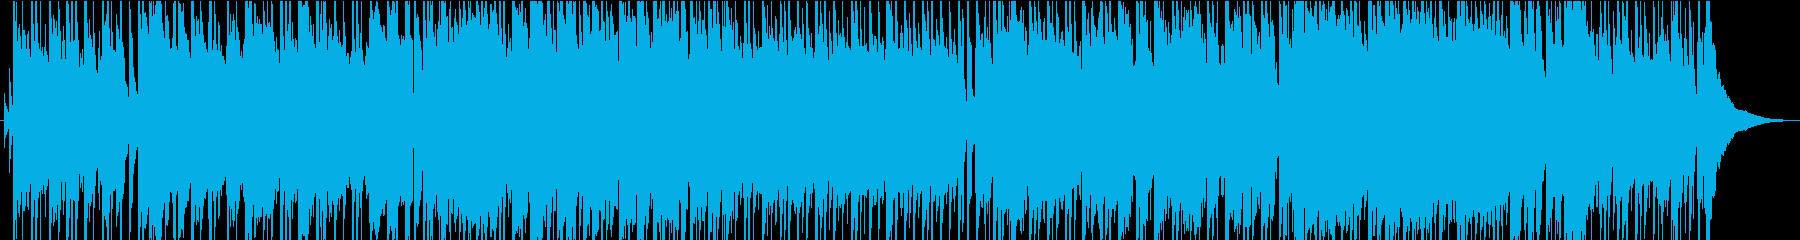 童謡「もみじ」ポップスアレンジの再生済みの波形